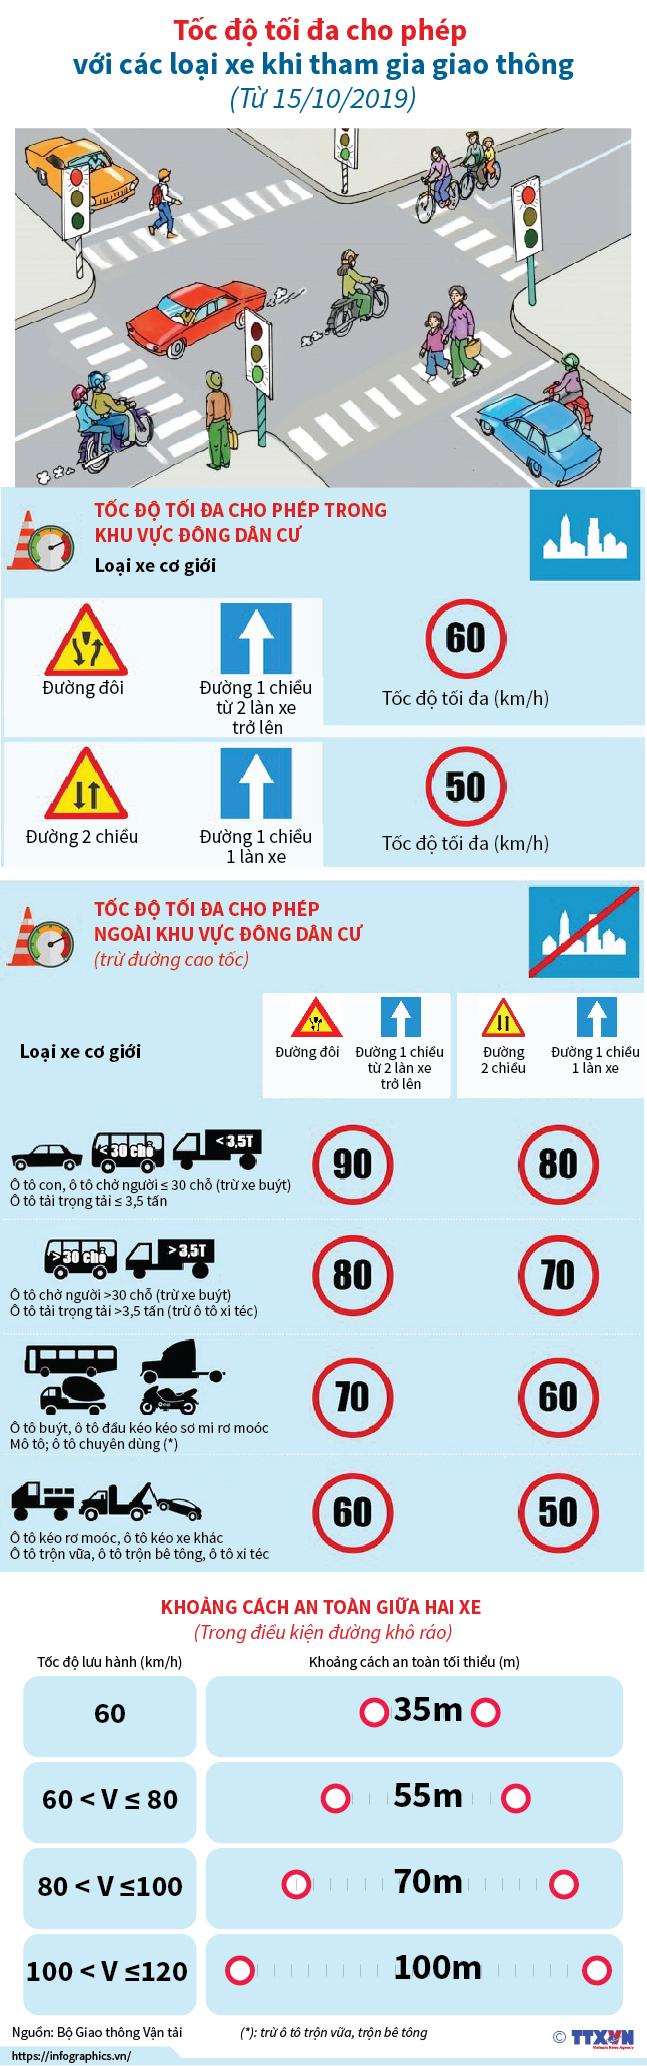 [Infographic] Tốc độ tối đa cho phép với các loại xe khi tham gia giao thông từ 15/10/2019  - Ảnh 1